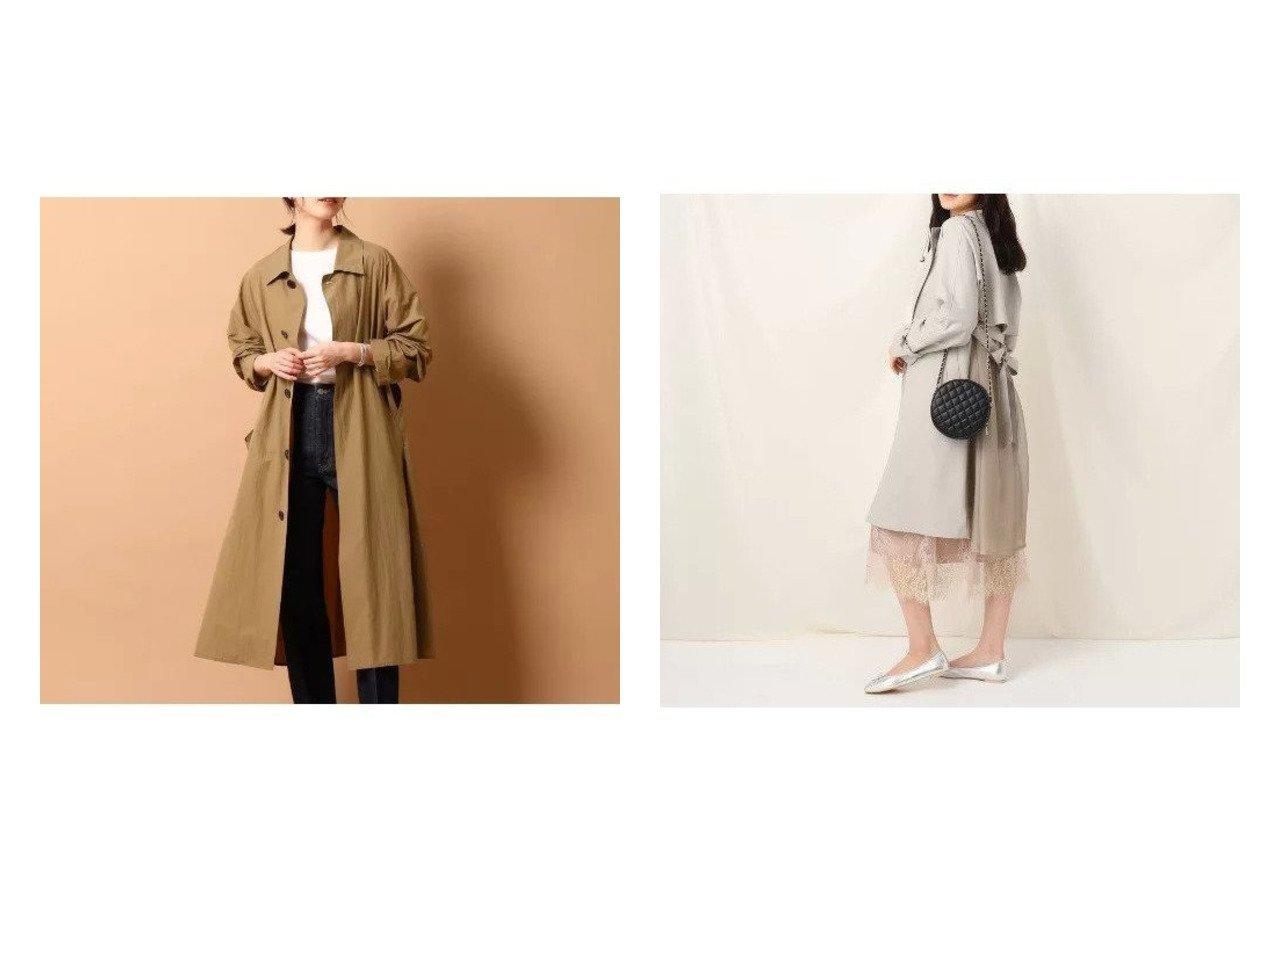 【DRESSTERIOR/ドレステリア】のTICCA(ティッカ)ライトコート&【Couture Brooch/クチュール ブローチ】のオーガンジーバックフレアコート 【アウター】おすすめ!人気、トレンド・レディースファッションの通販 おすすめで人気の流行・トレンド、ファッションの通販商品 メンズファッション・キッズファッション・インテリア・家具・レディースファッション・服の通販 founy(ファニー) https://founy.com/ ファッション Fashion レディースファッション WOMEN アウター Coat Outerwear コート Coats トレンチコート Trench Coats S/S・春夏 SS・Spring/Summer インナー カットソー コレクション ダウン ノースリーブ ベーシック ポケット ワーク 定番 Standard 春 Spring なめらか オーガンジー シアー 羽織 |ID:crp329100000028574